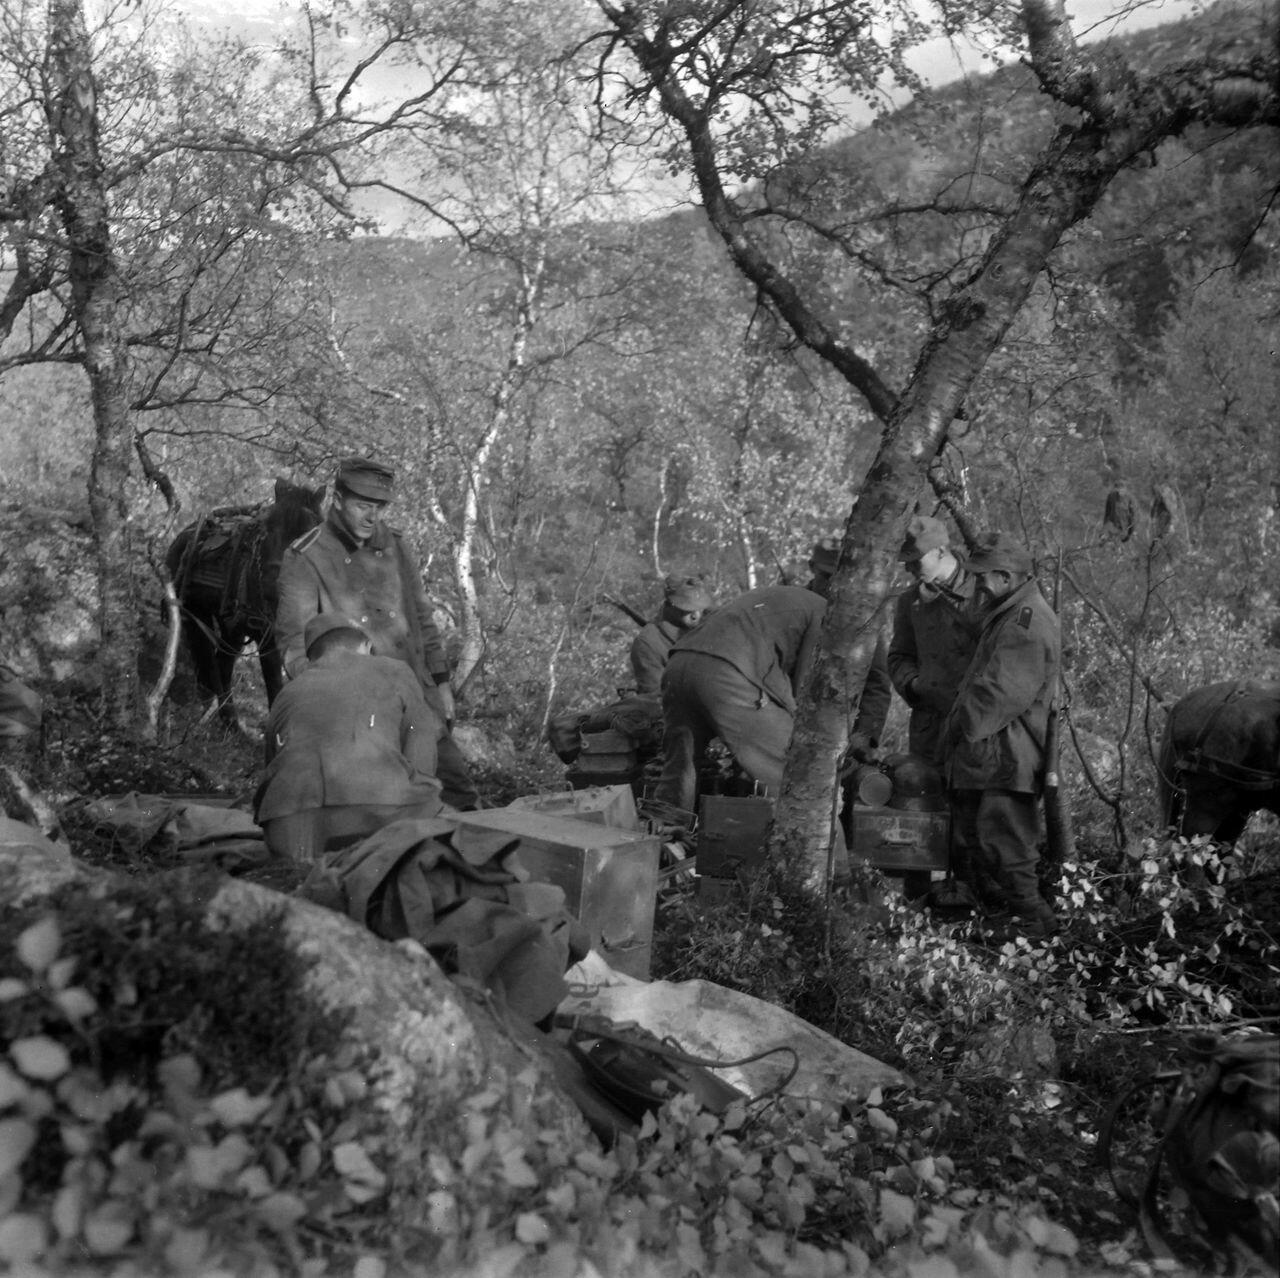 Палаточный лагерь немецких солдат